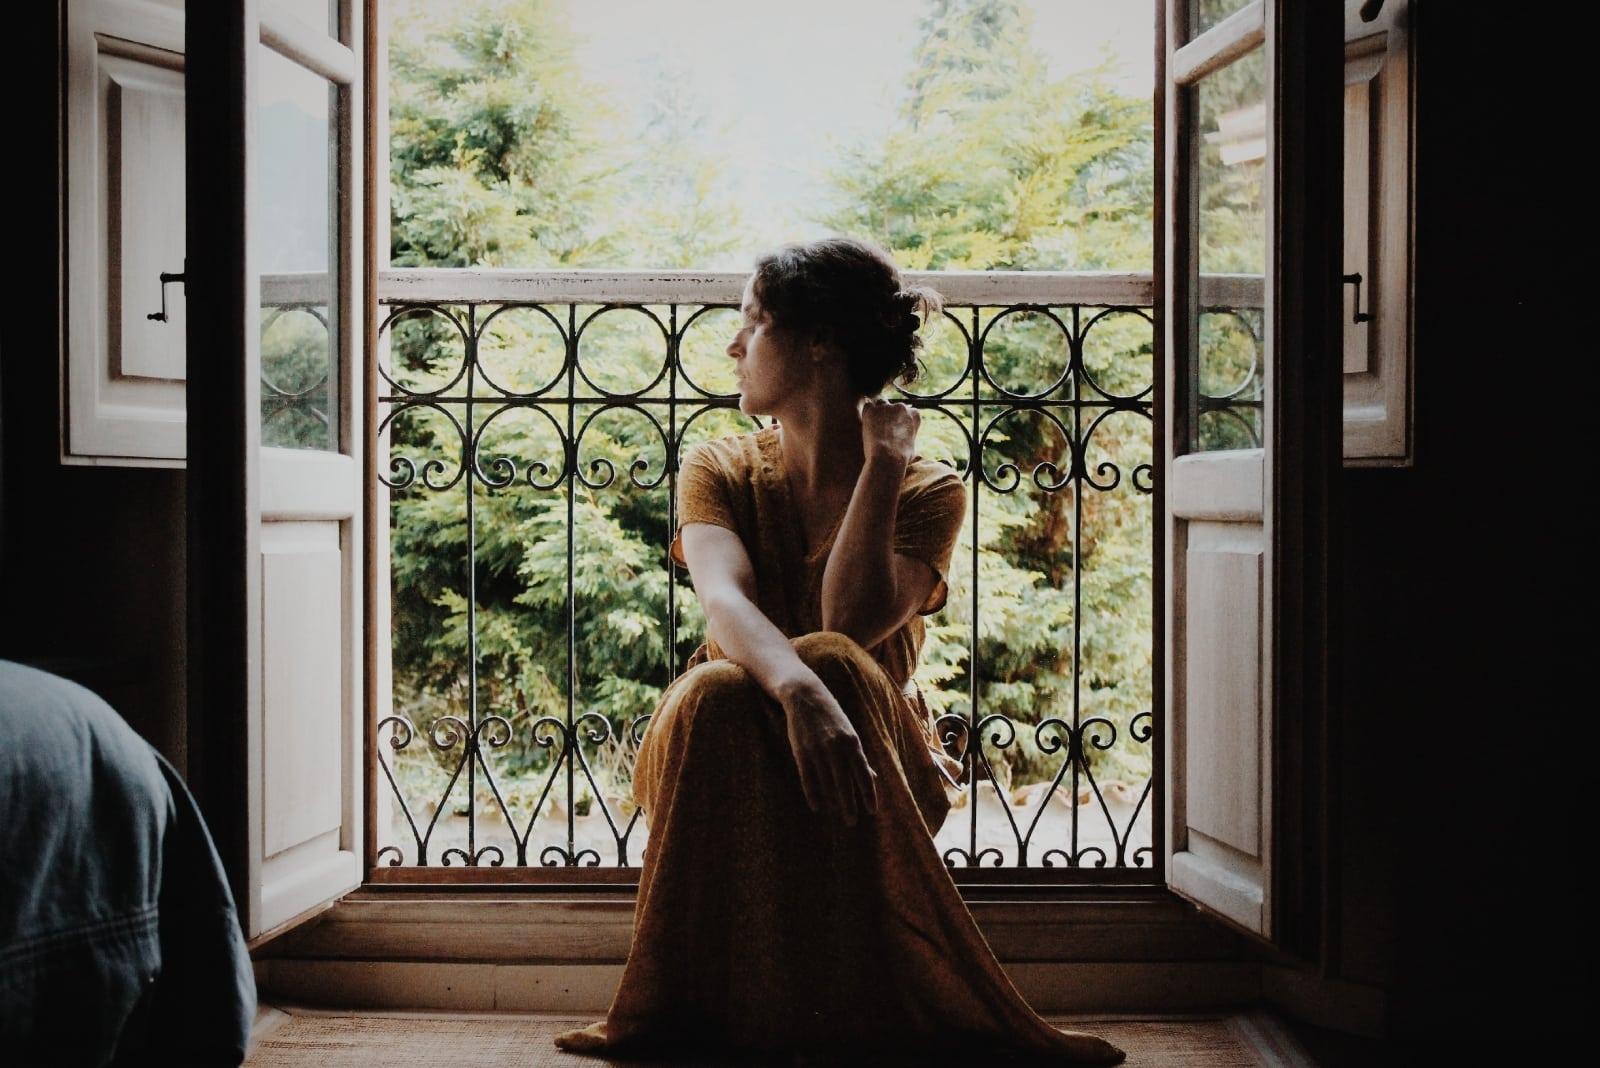 woman in long dress sitting on floor near window